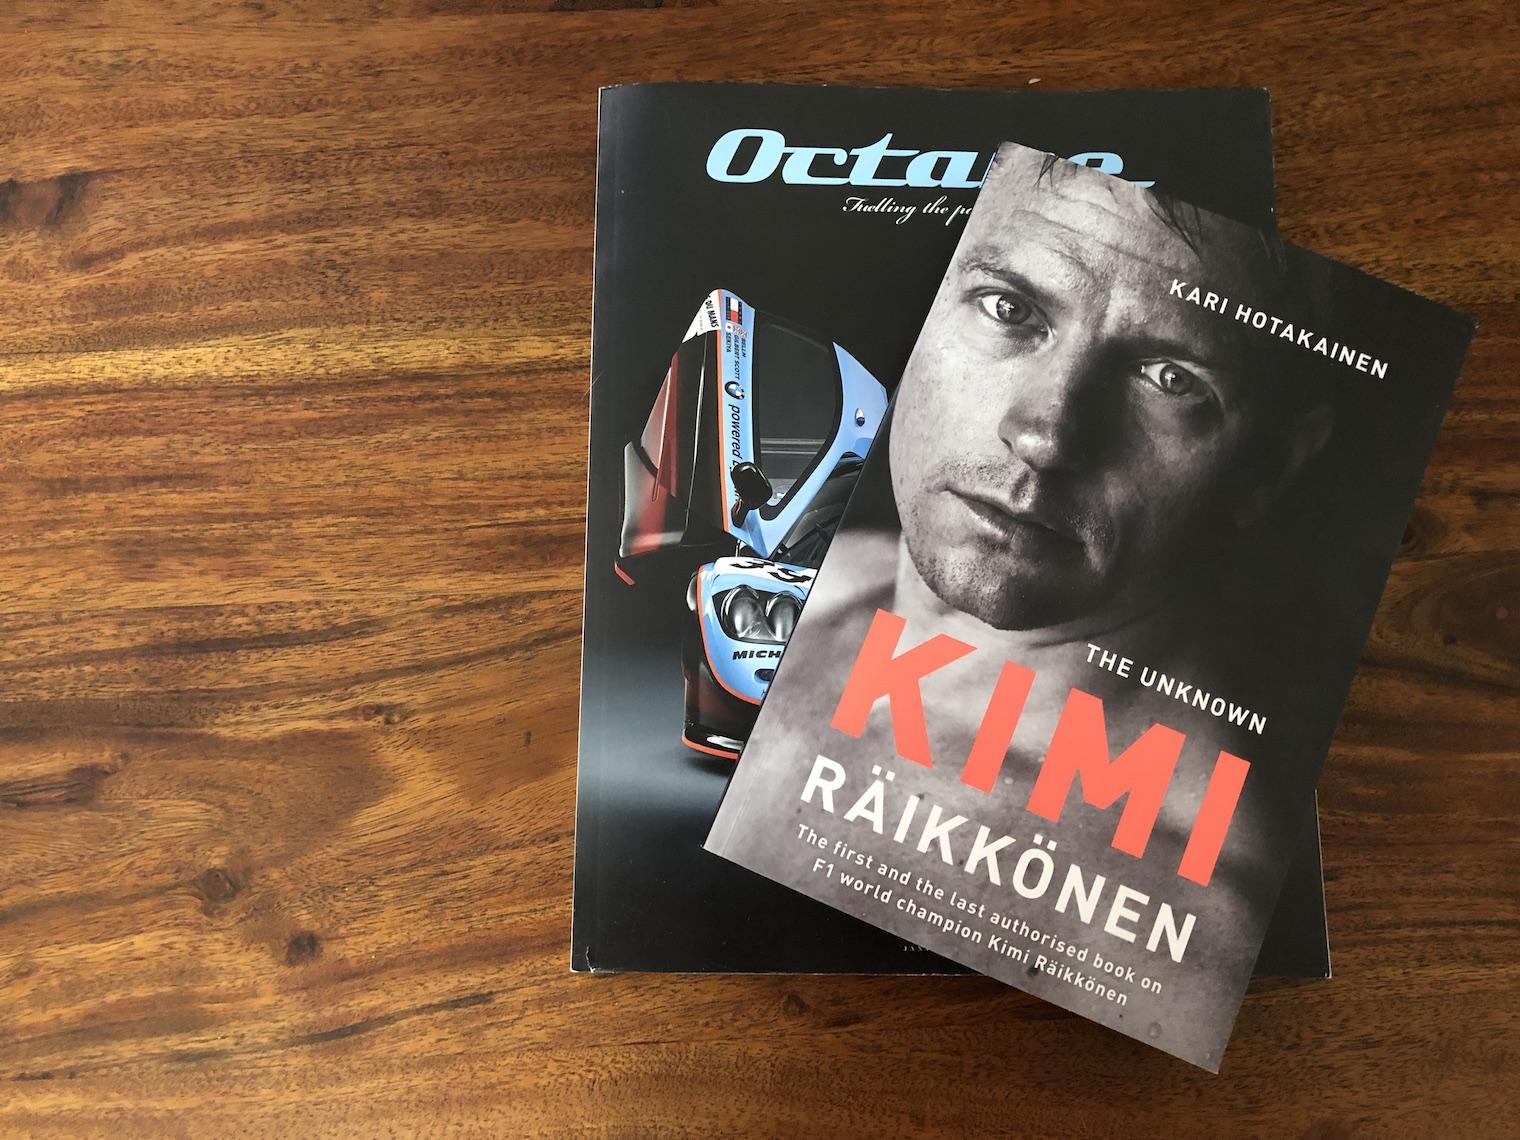 Kimi Raikkonen book